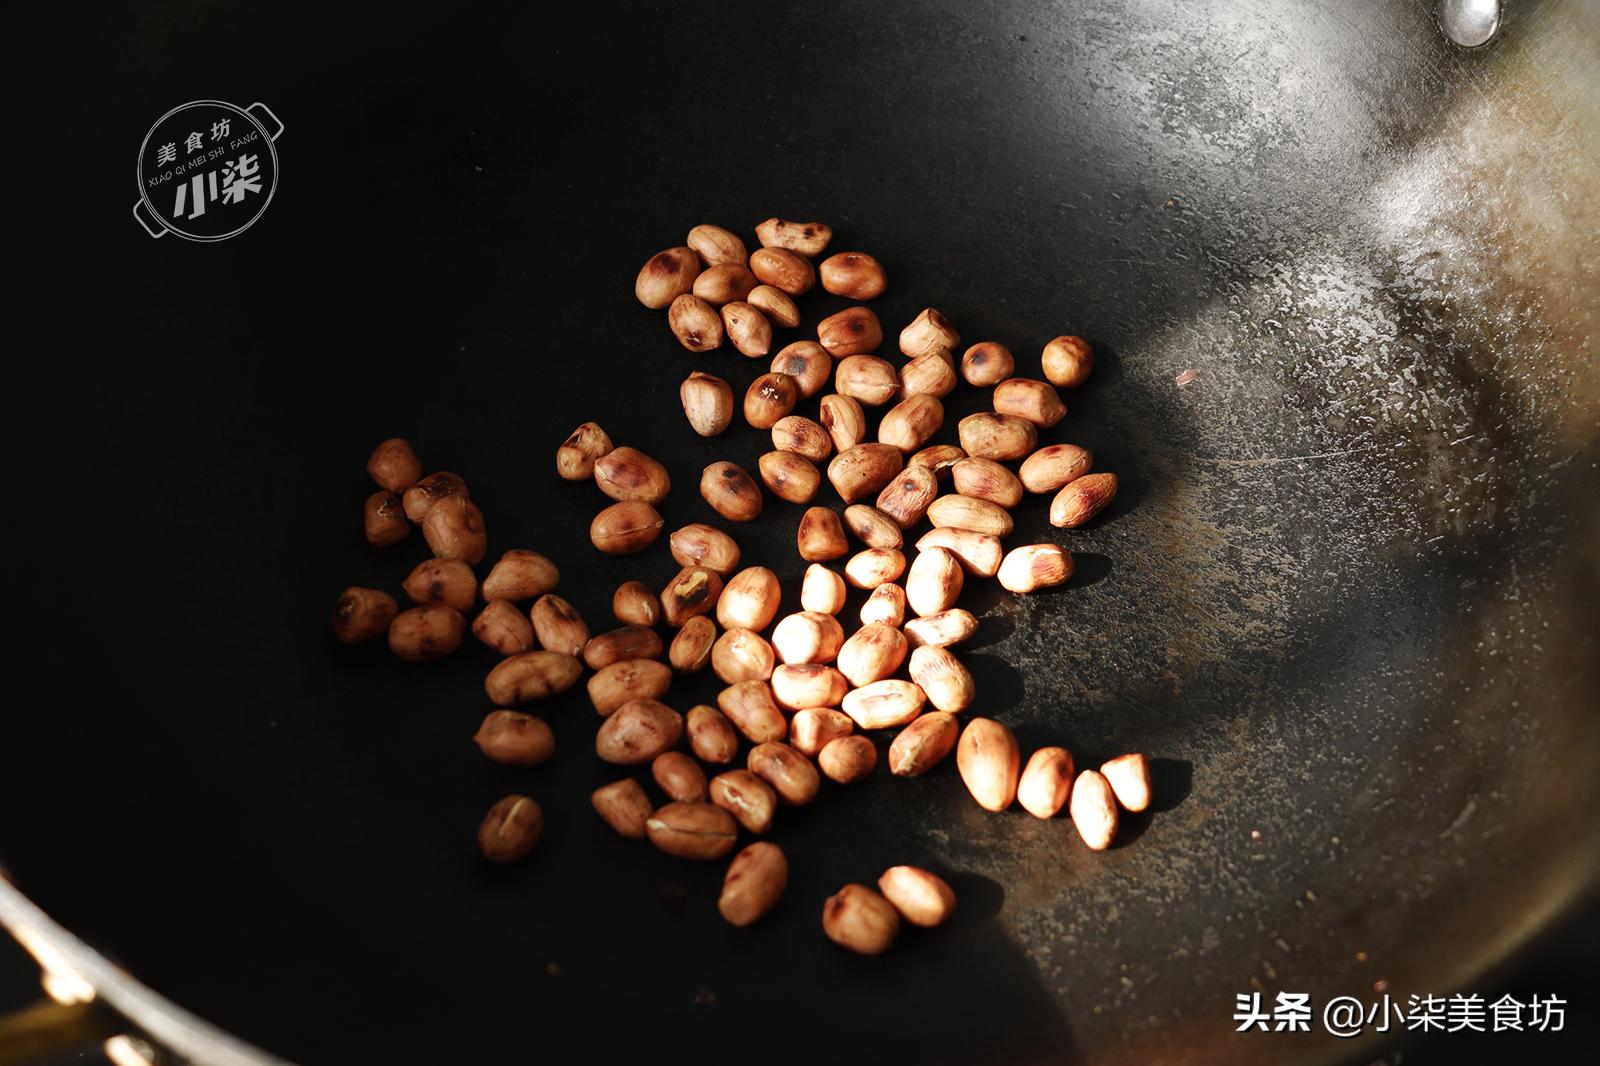 辣椒酱好吃有诀窍,多加这一步,辣椒油才香,为年夜饭做准备